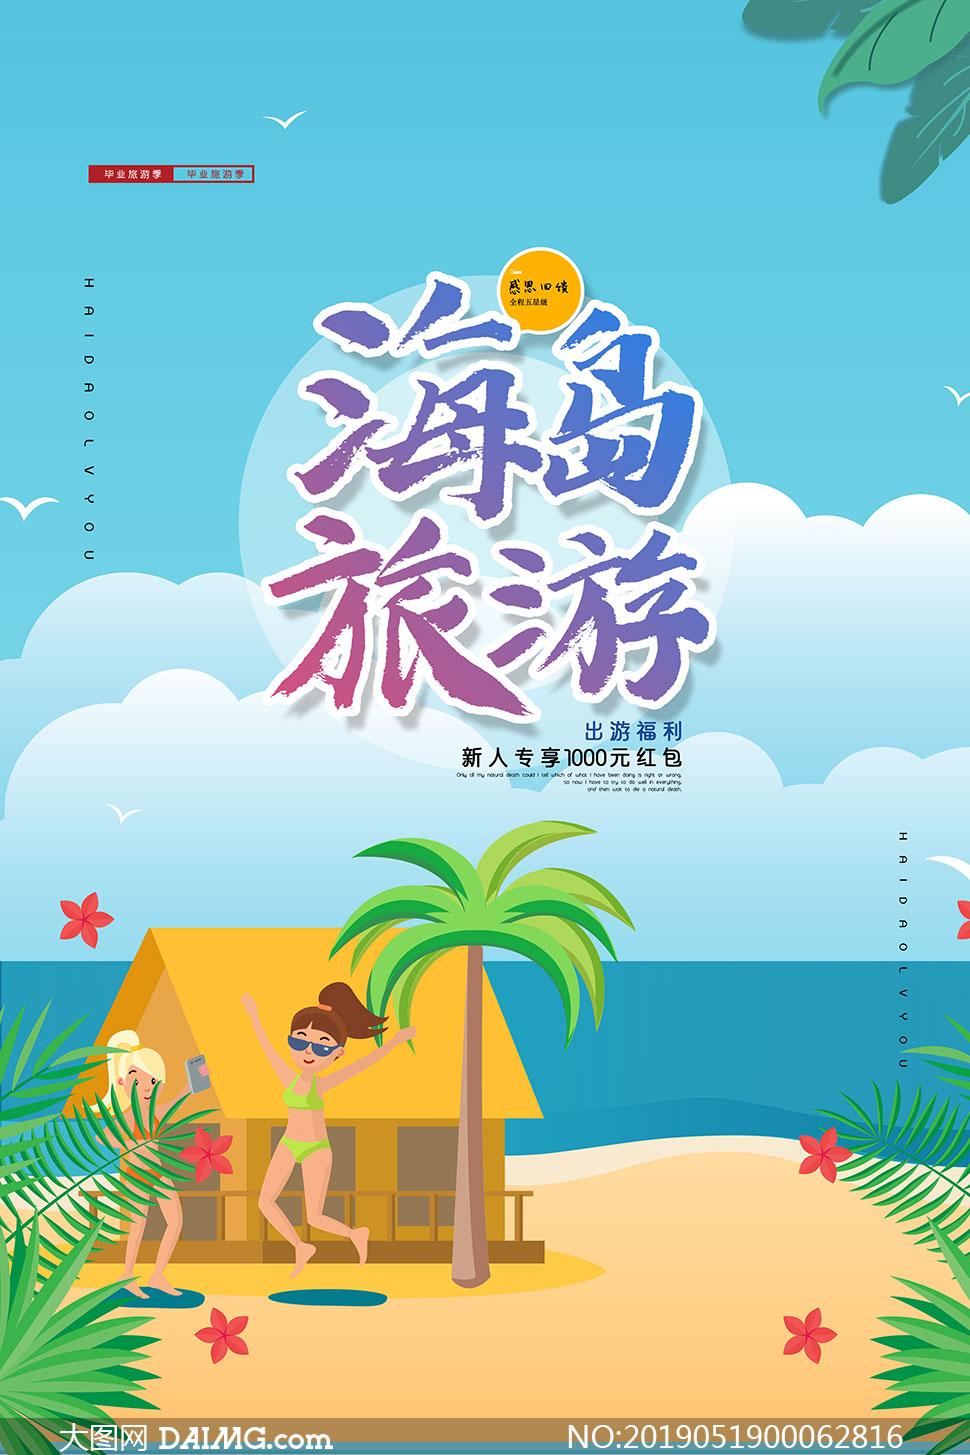 海岛旅行宣传海报设计PSD源文件